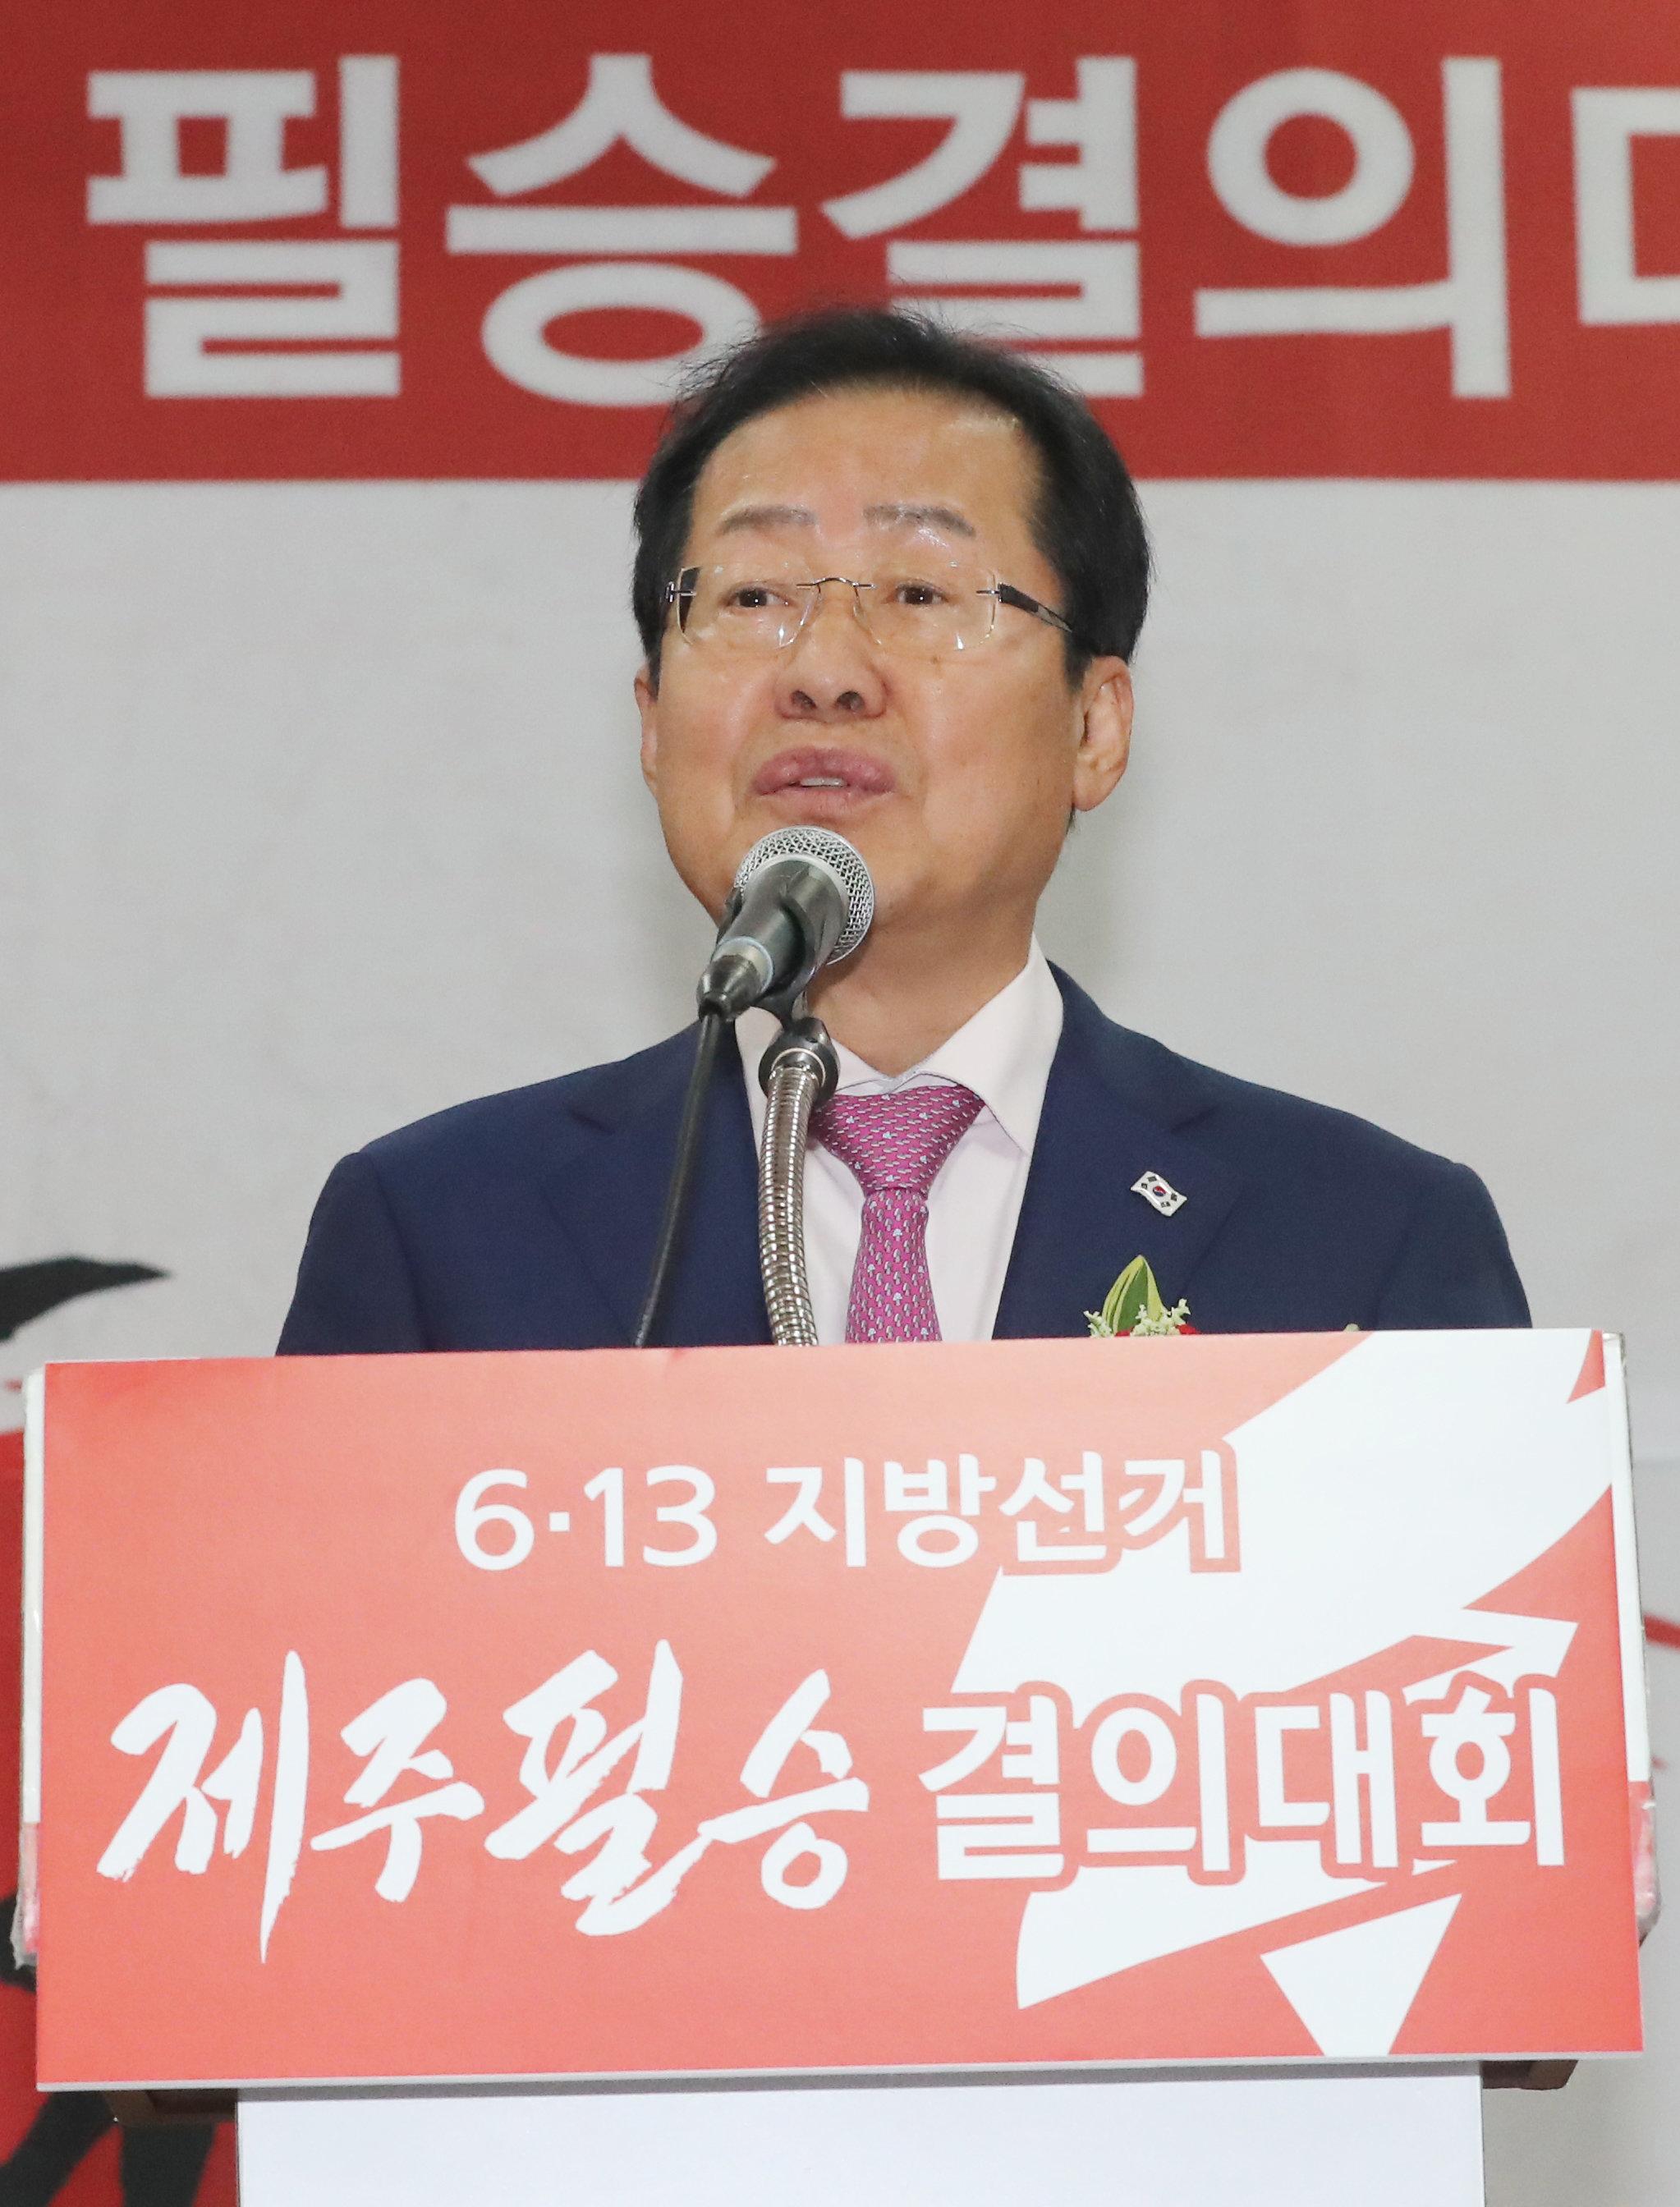 """홍준표, """"지난 1년 돌아보고도 민주당 찍으면 정상 아니다"""""""